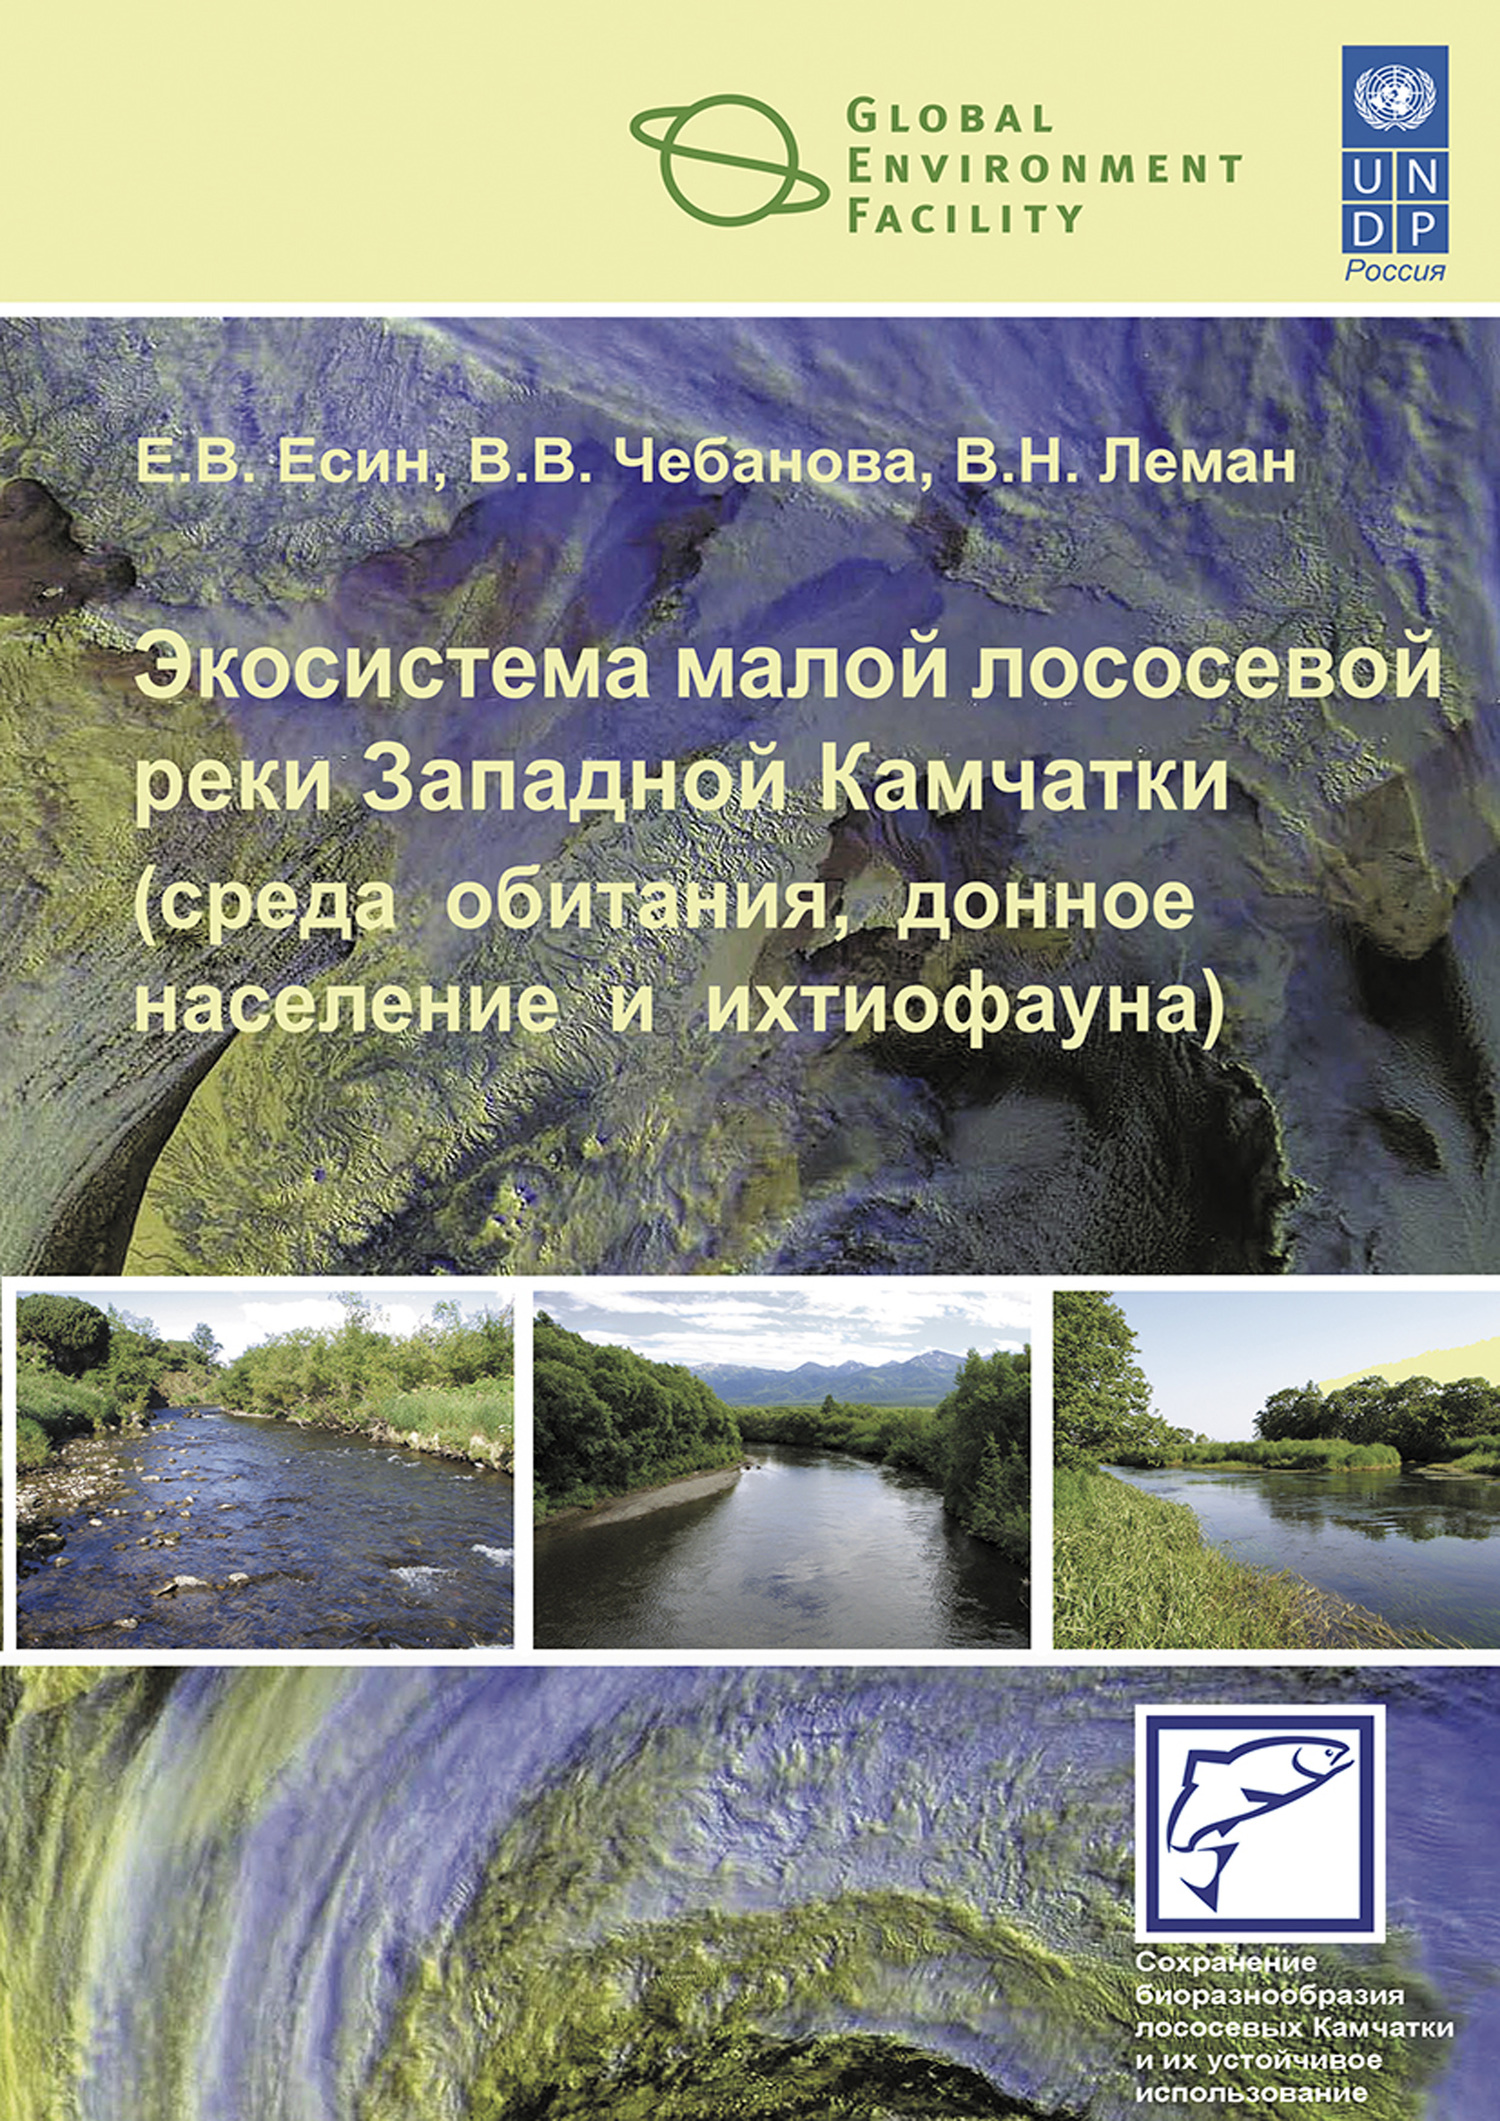 В. Н. Леман. Экосистема малой лососевой реки Западной Камчатки (среда обитания, донное население и ихтиофауна)